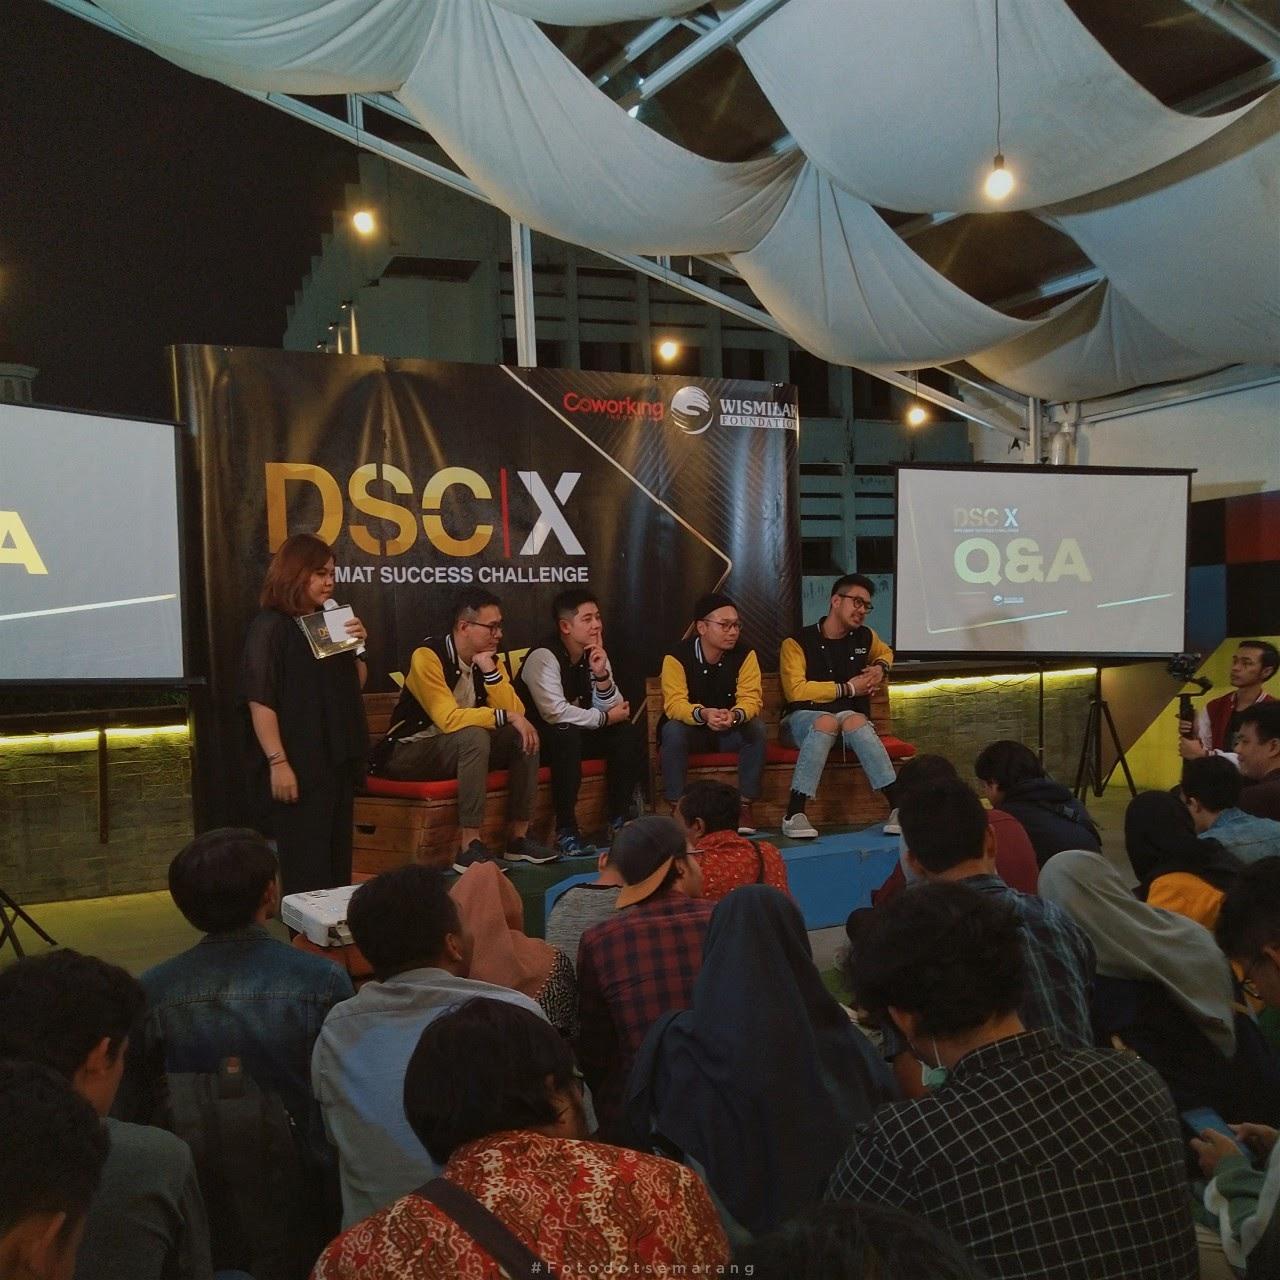 Dianggap Berpotensi, Semarang Dipilih Sebagai Salah Satu Kota Roadshow Kompetisi Kewirausahaan DSC|X 2019